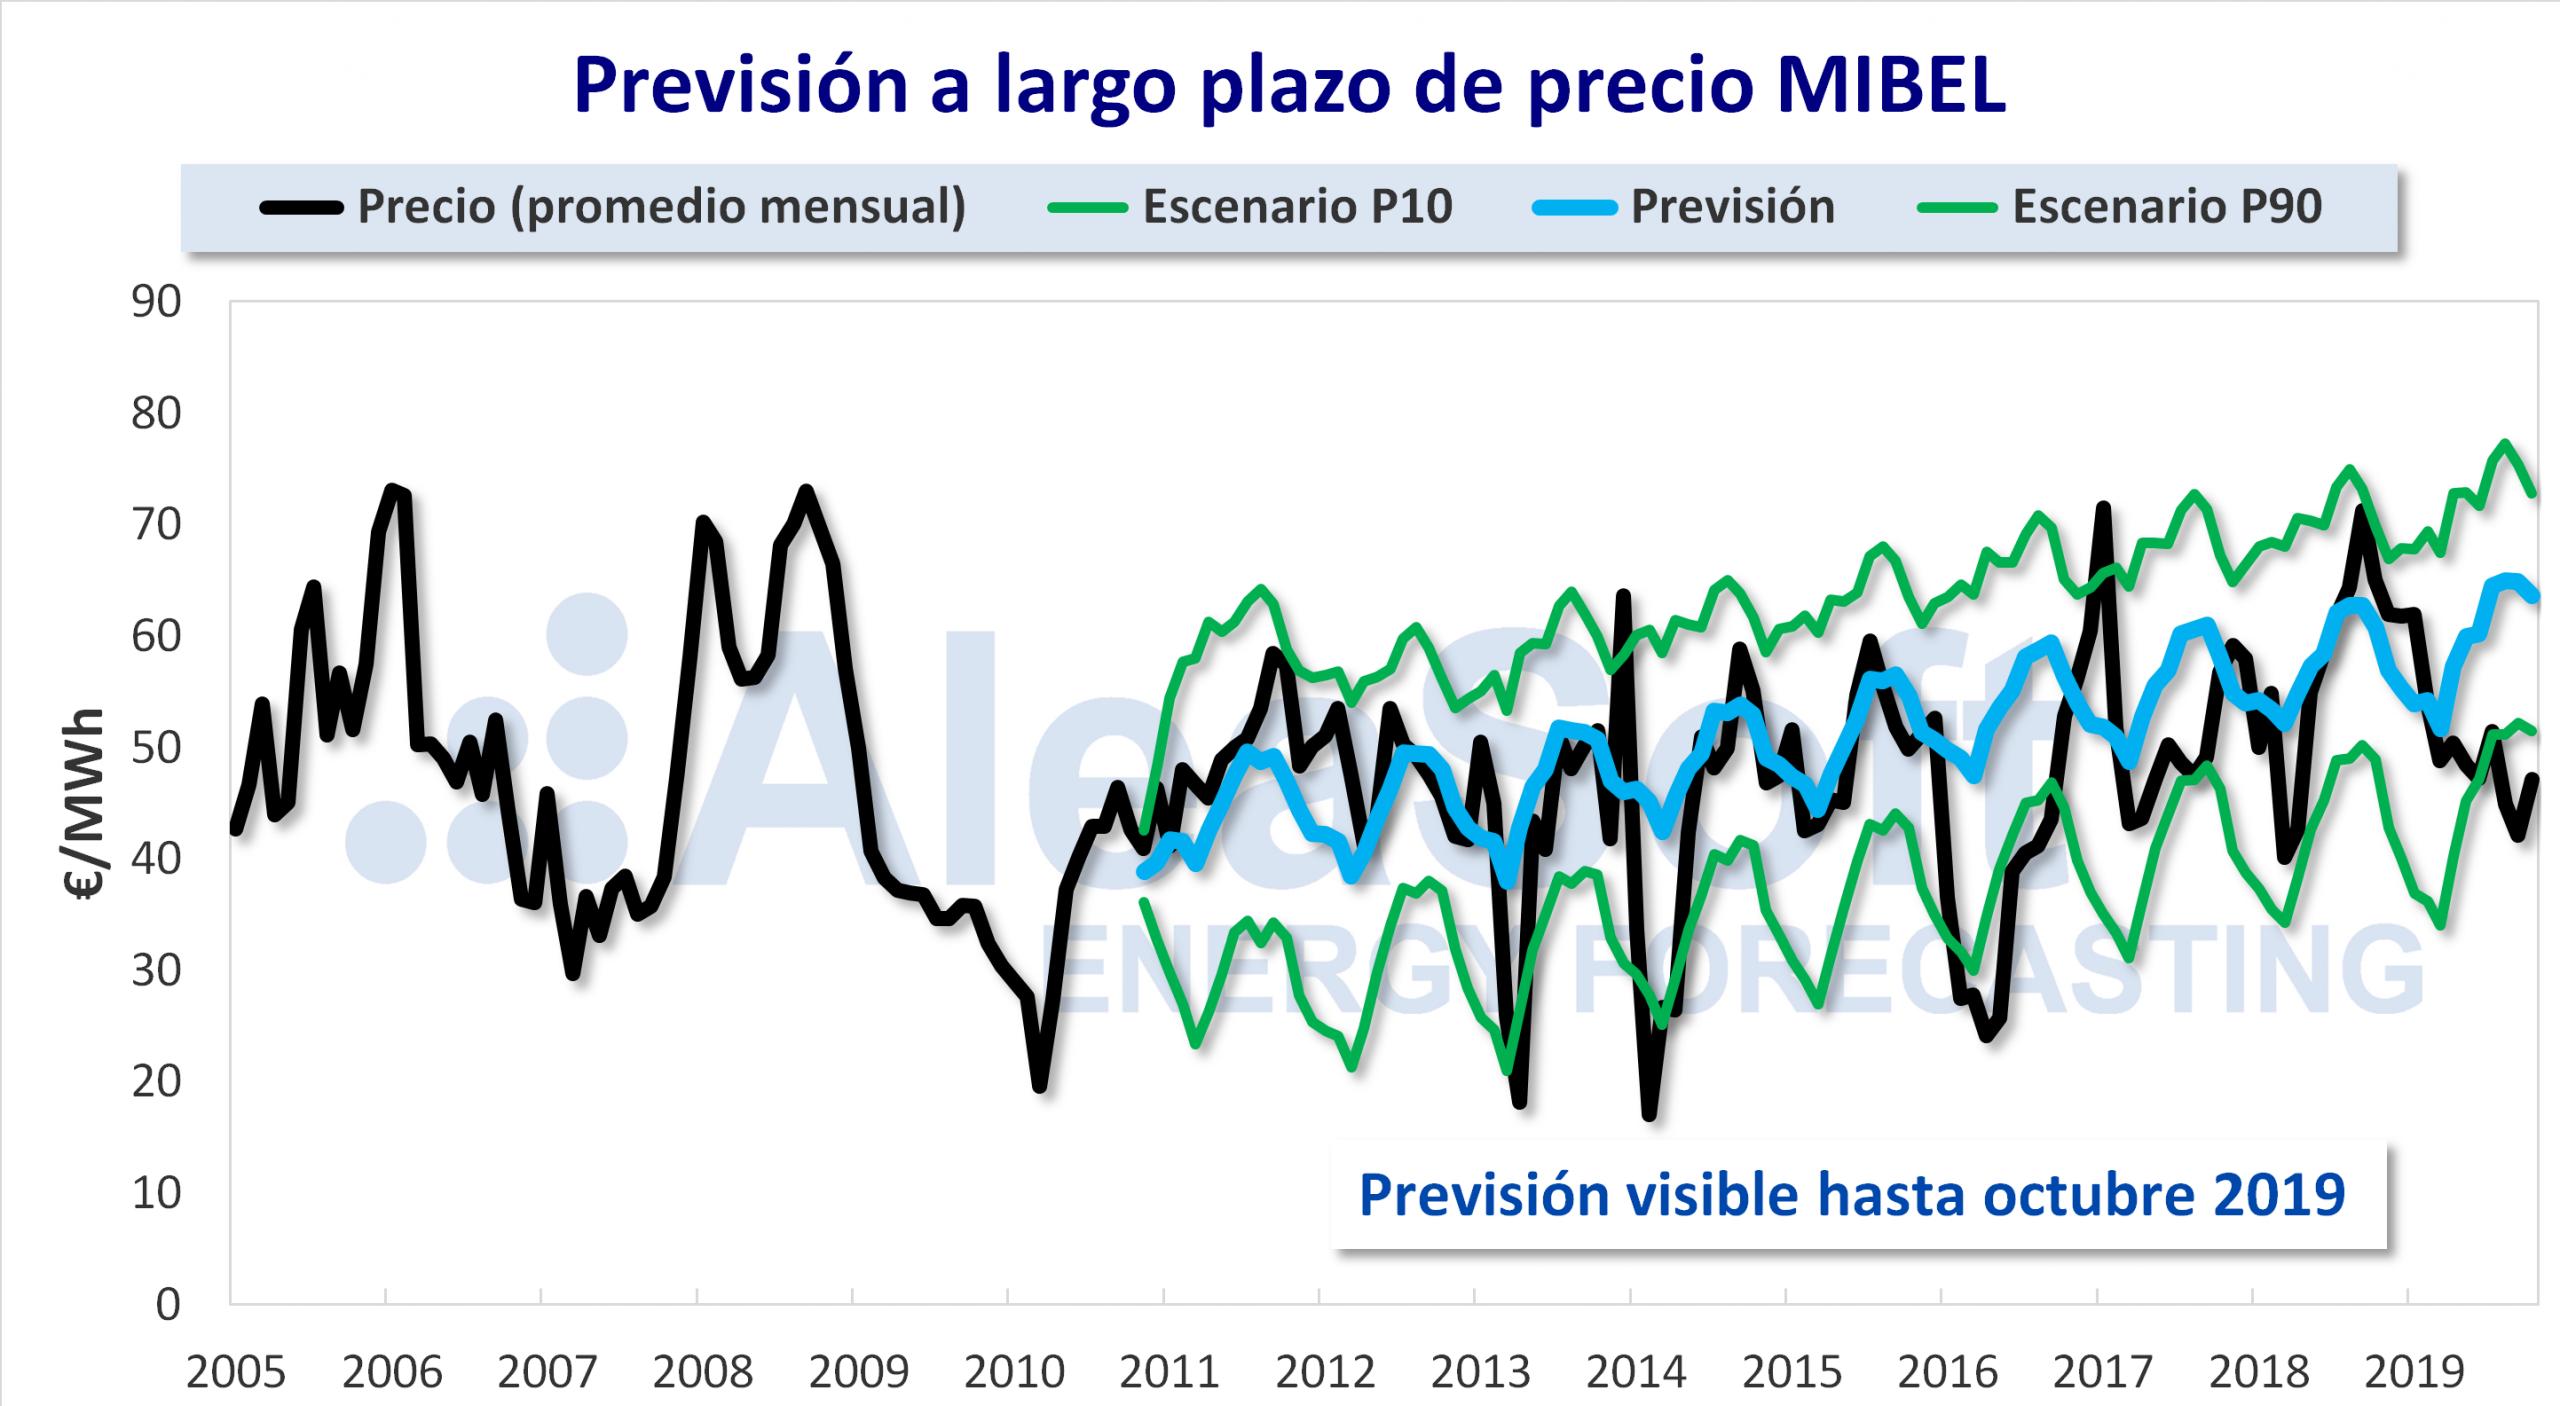 AleaSoft - Previsión precio mercado eléctrico MIBEL largo plazo 15 años